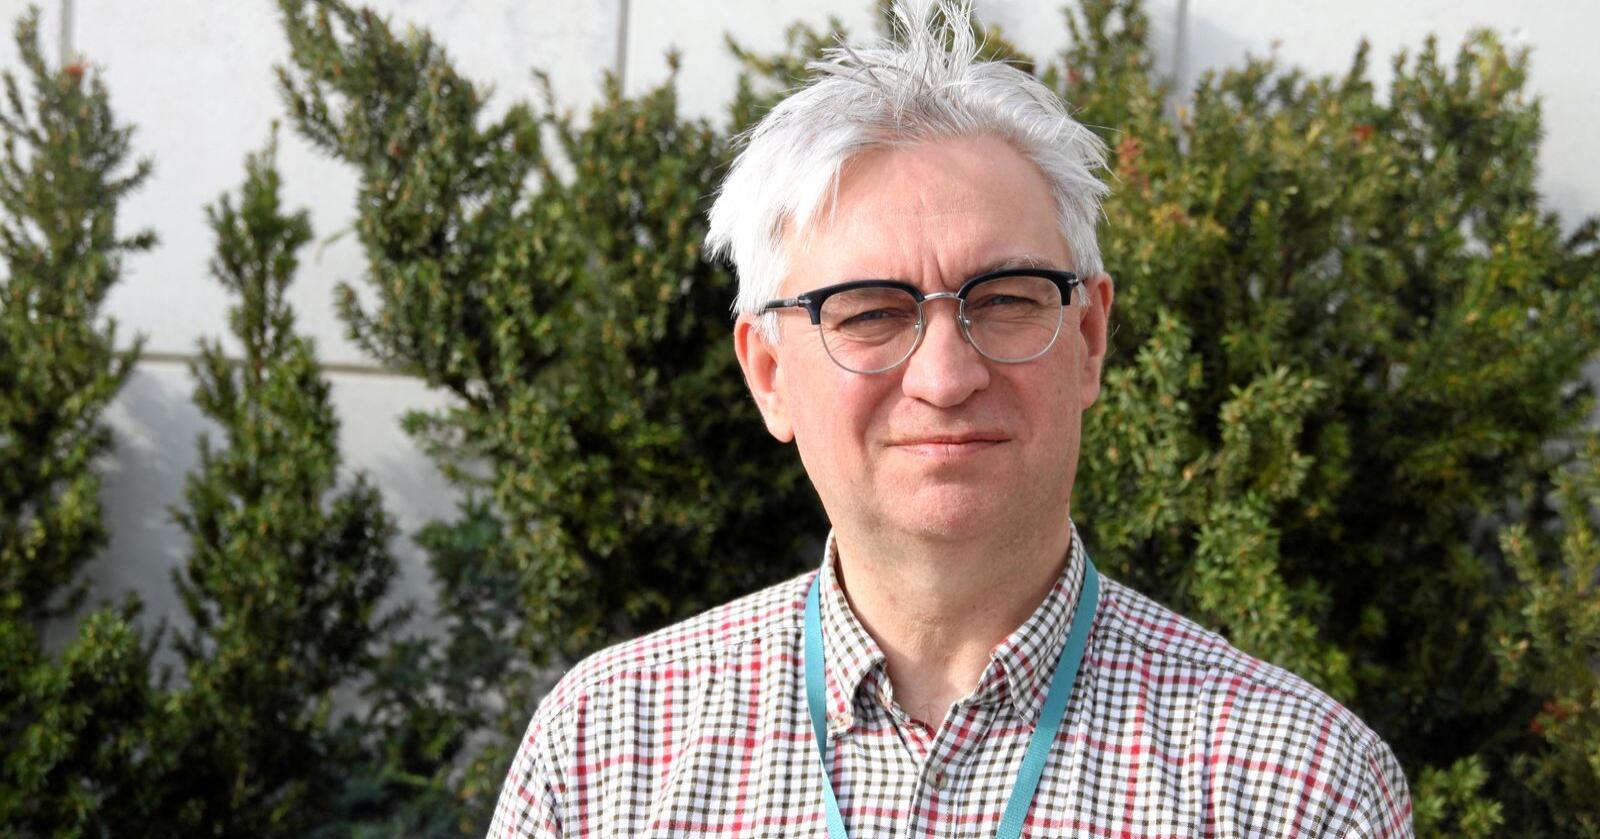 André Skjelstad (V) oppga ikke riktige opplysninger i søknad om tilskudd. Foto: Lars Bilit Hagen